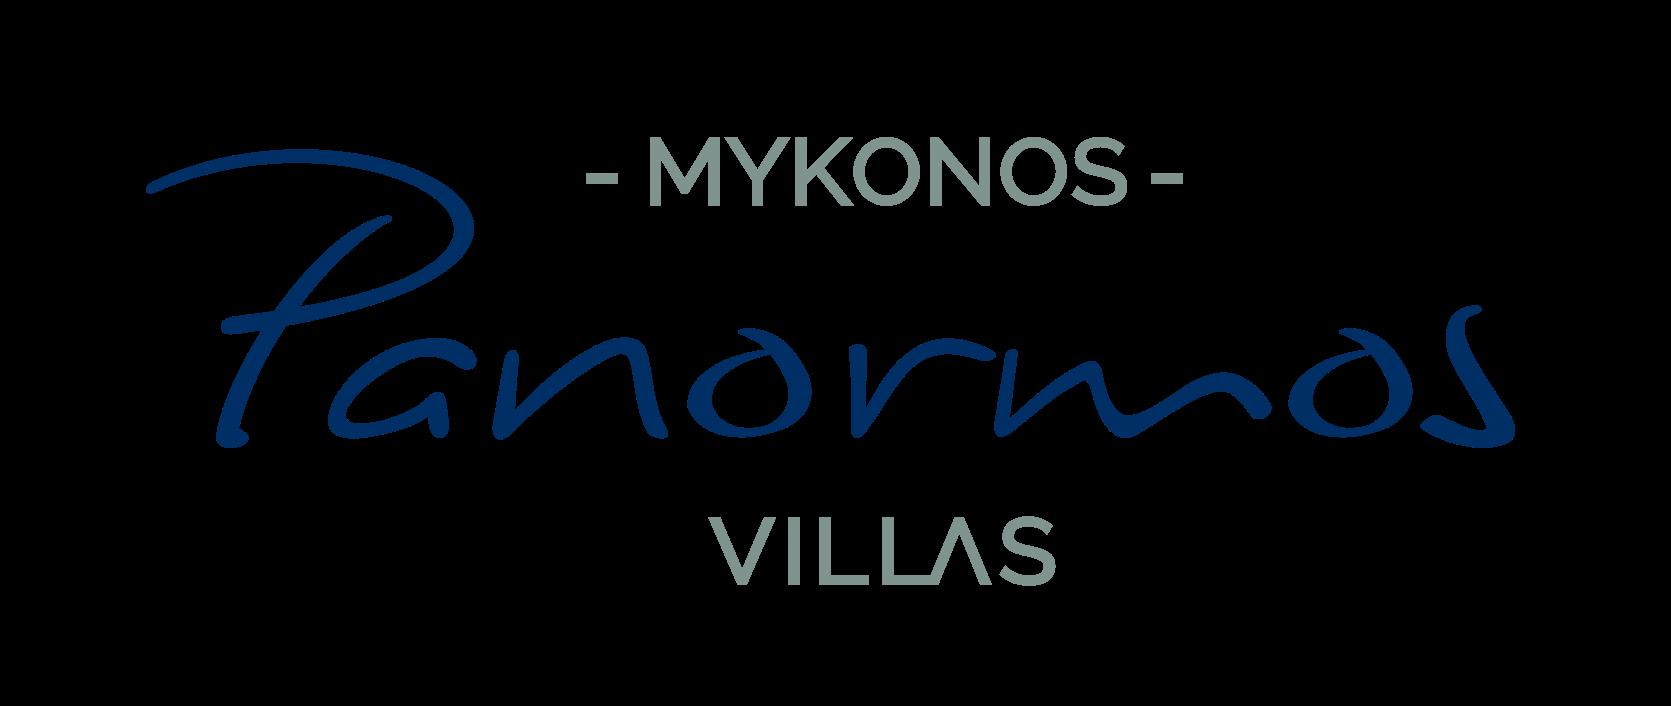 MYKONOS-PANORMOS-VILLAS_LOGO-2